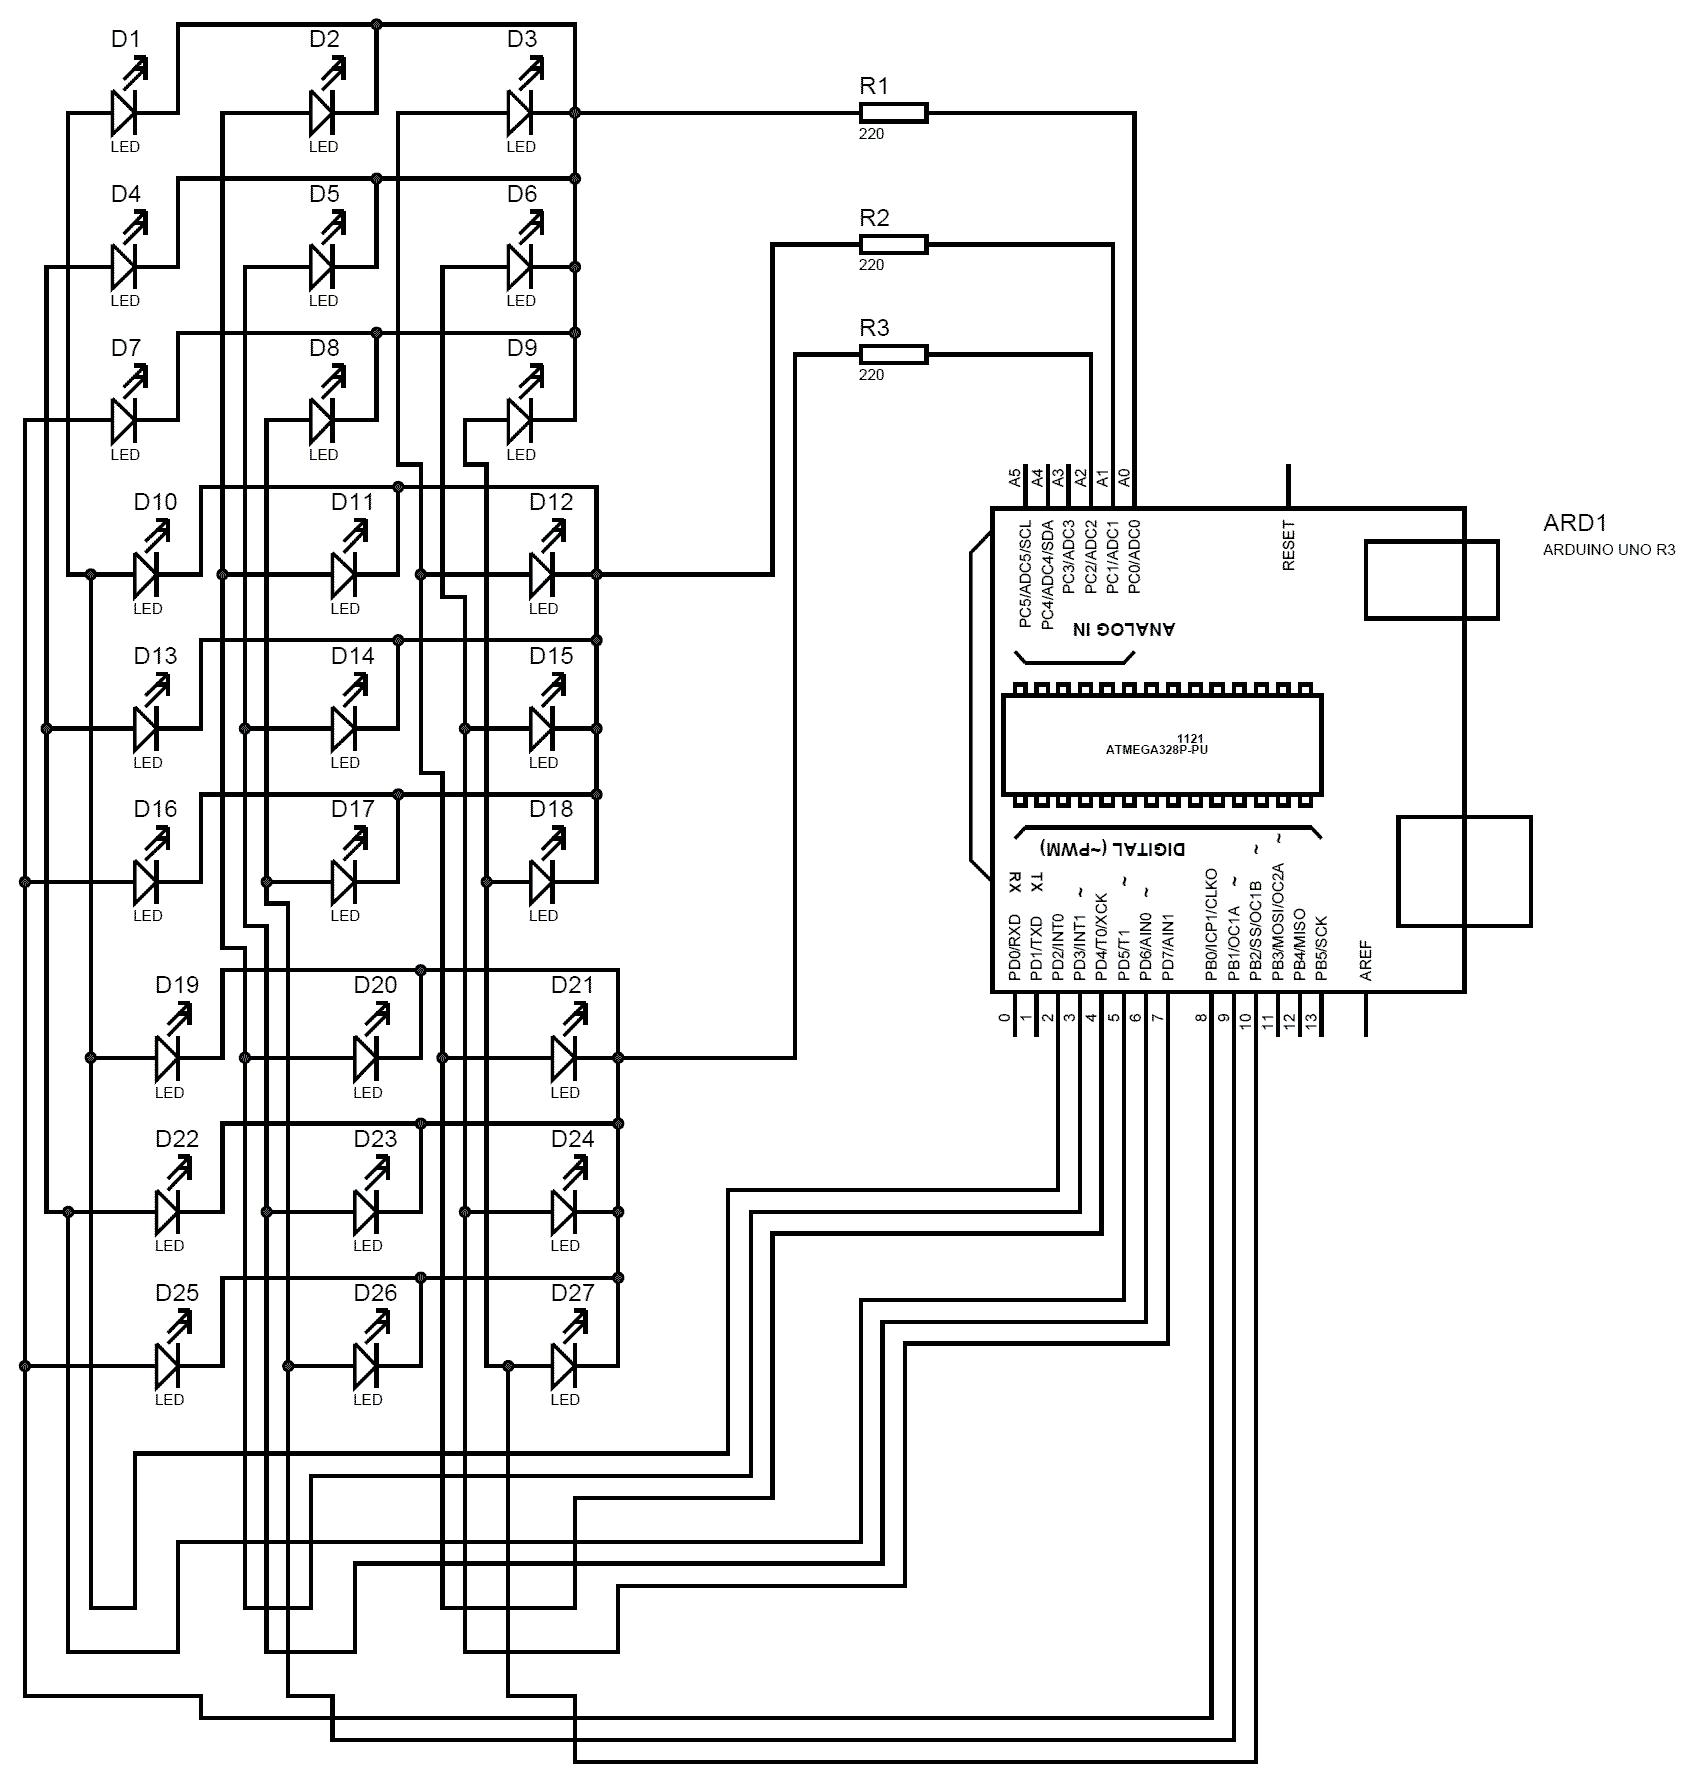 circuit diagram of arduino uno